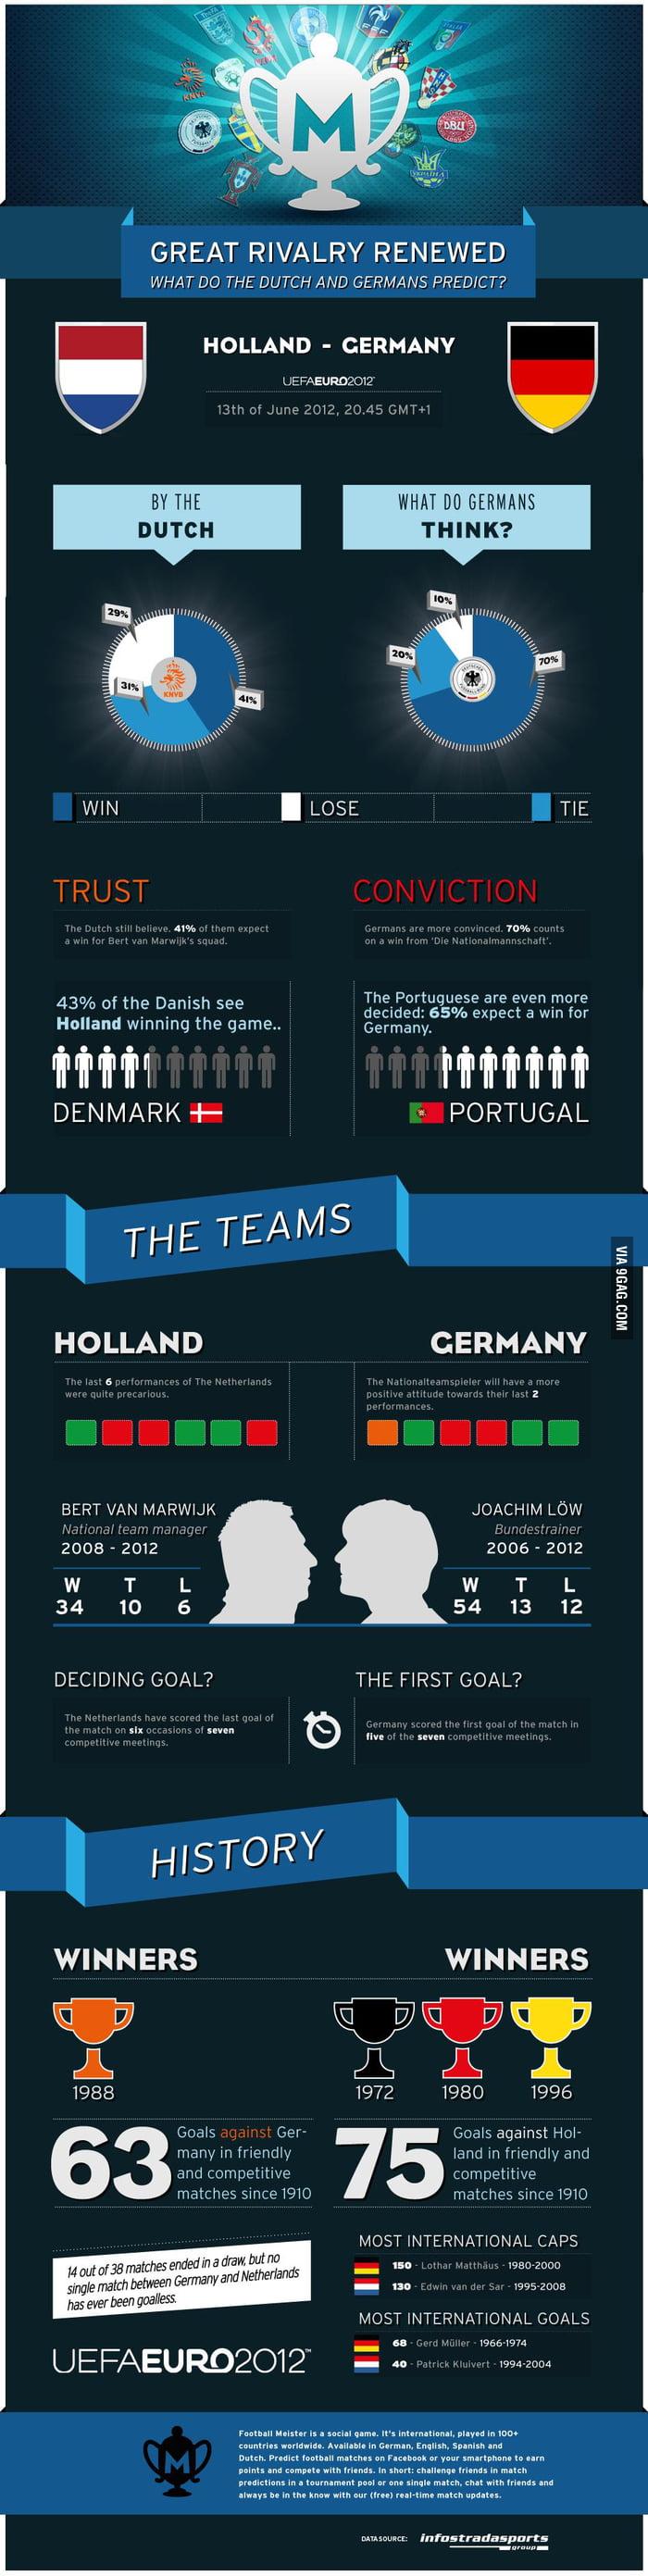 The Netherlands vs Germany